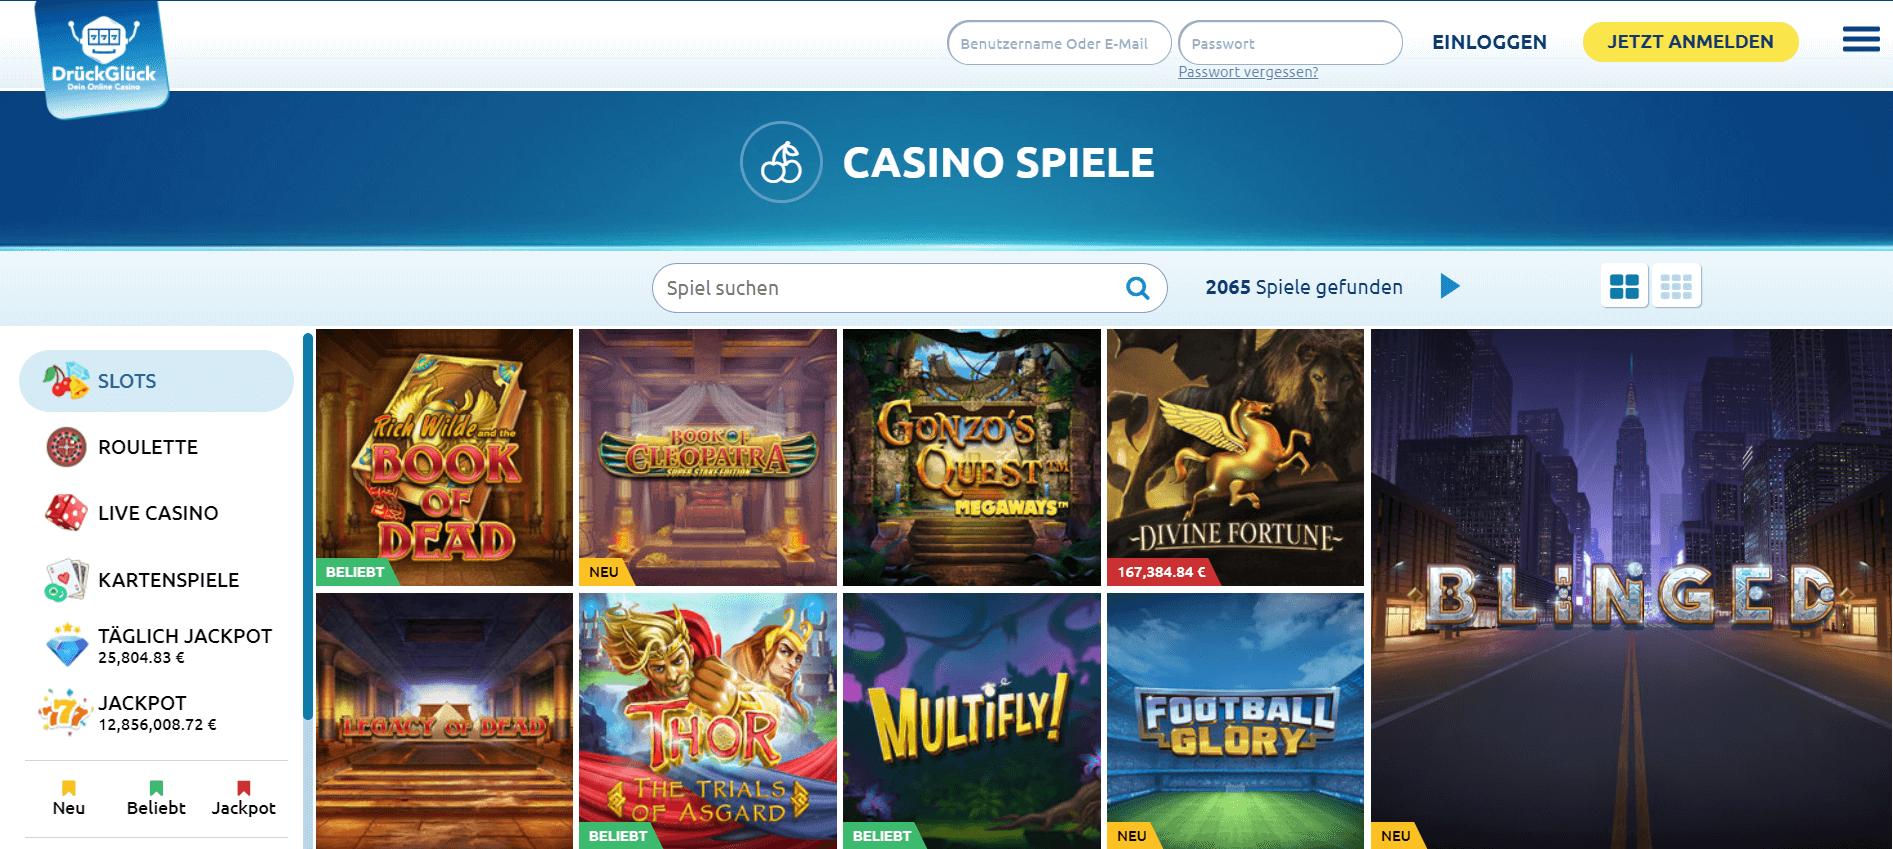 Im DrückGlück Casino Deutschland finden Sie die große Auswahl an Spielen, so dass Sie die tollste Zeit beim Spielen haben und den DrückGlück Bonus genießen können